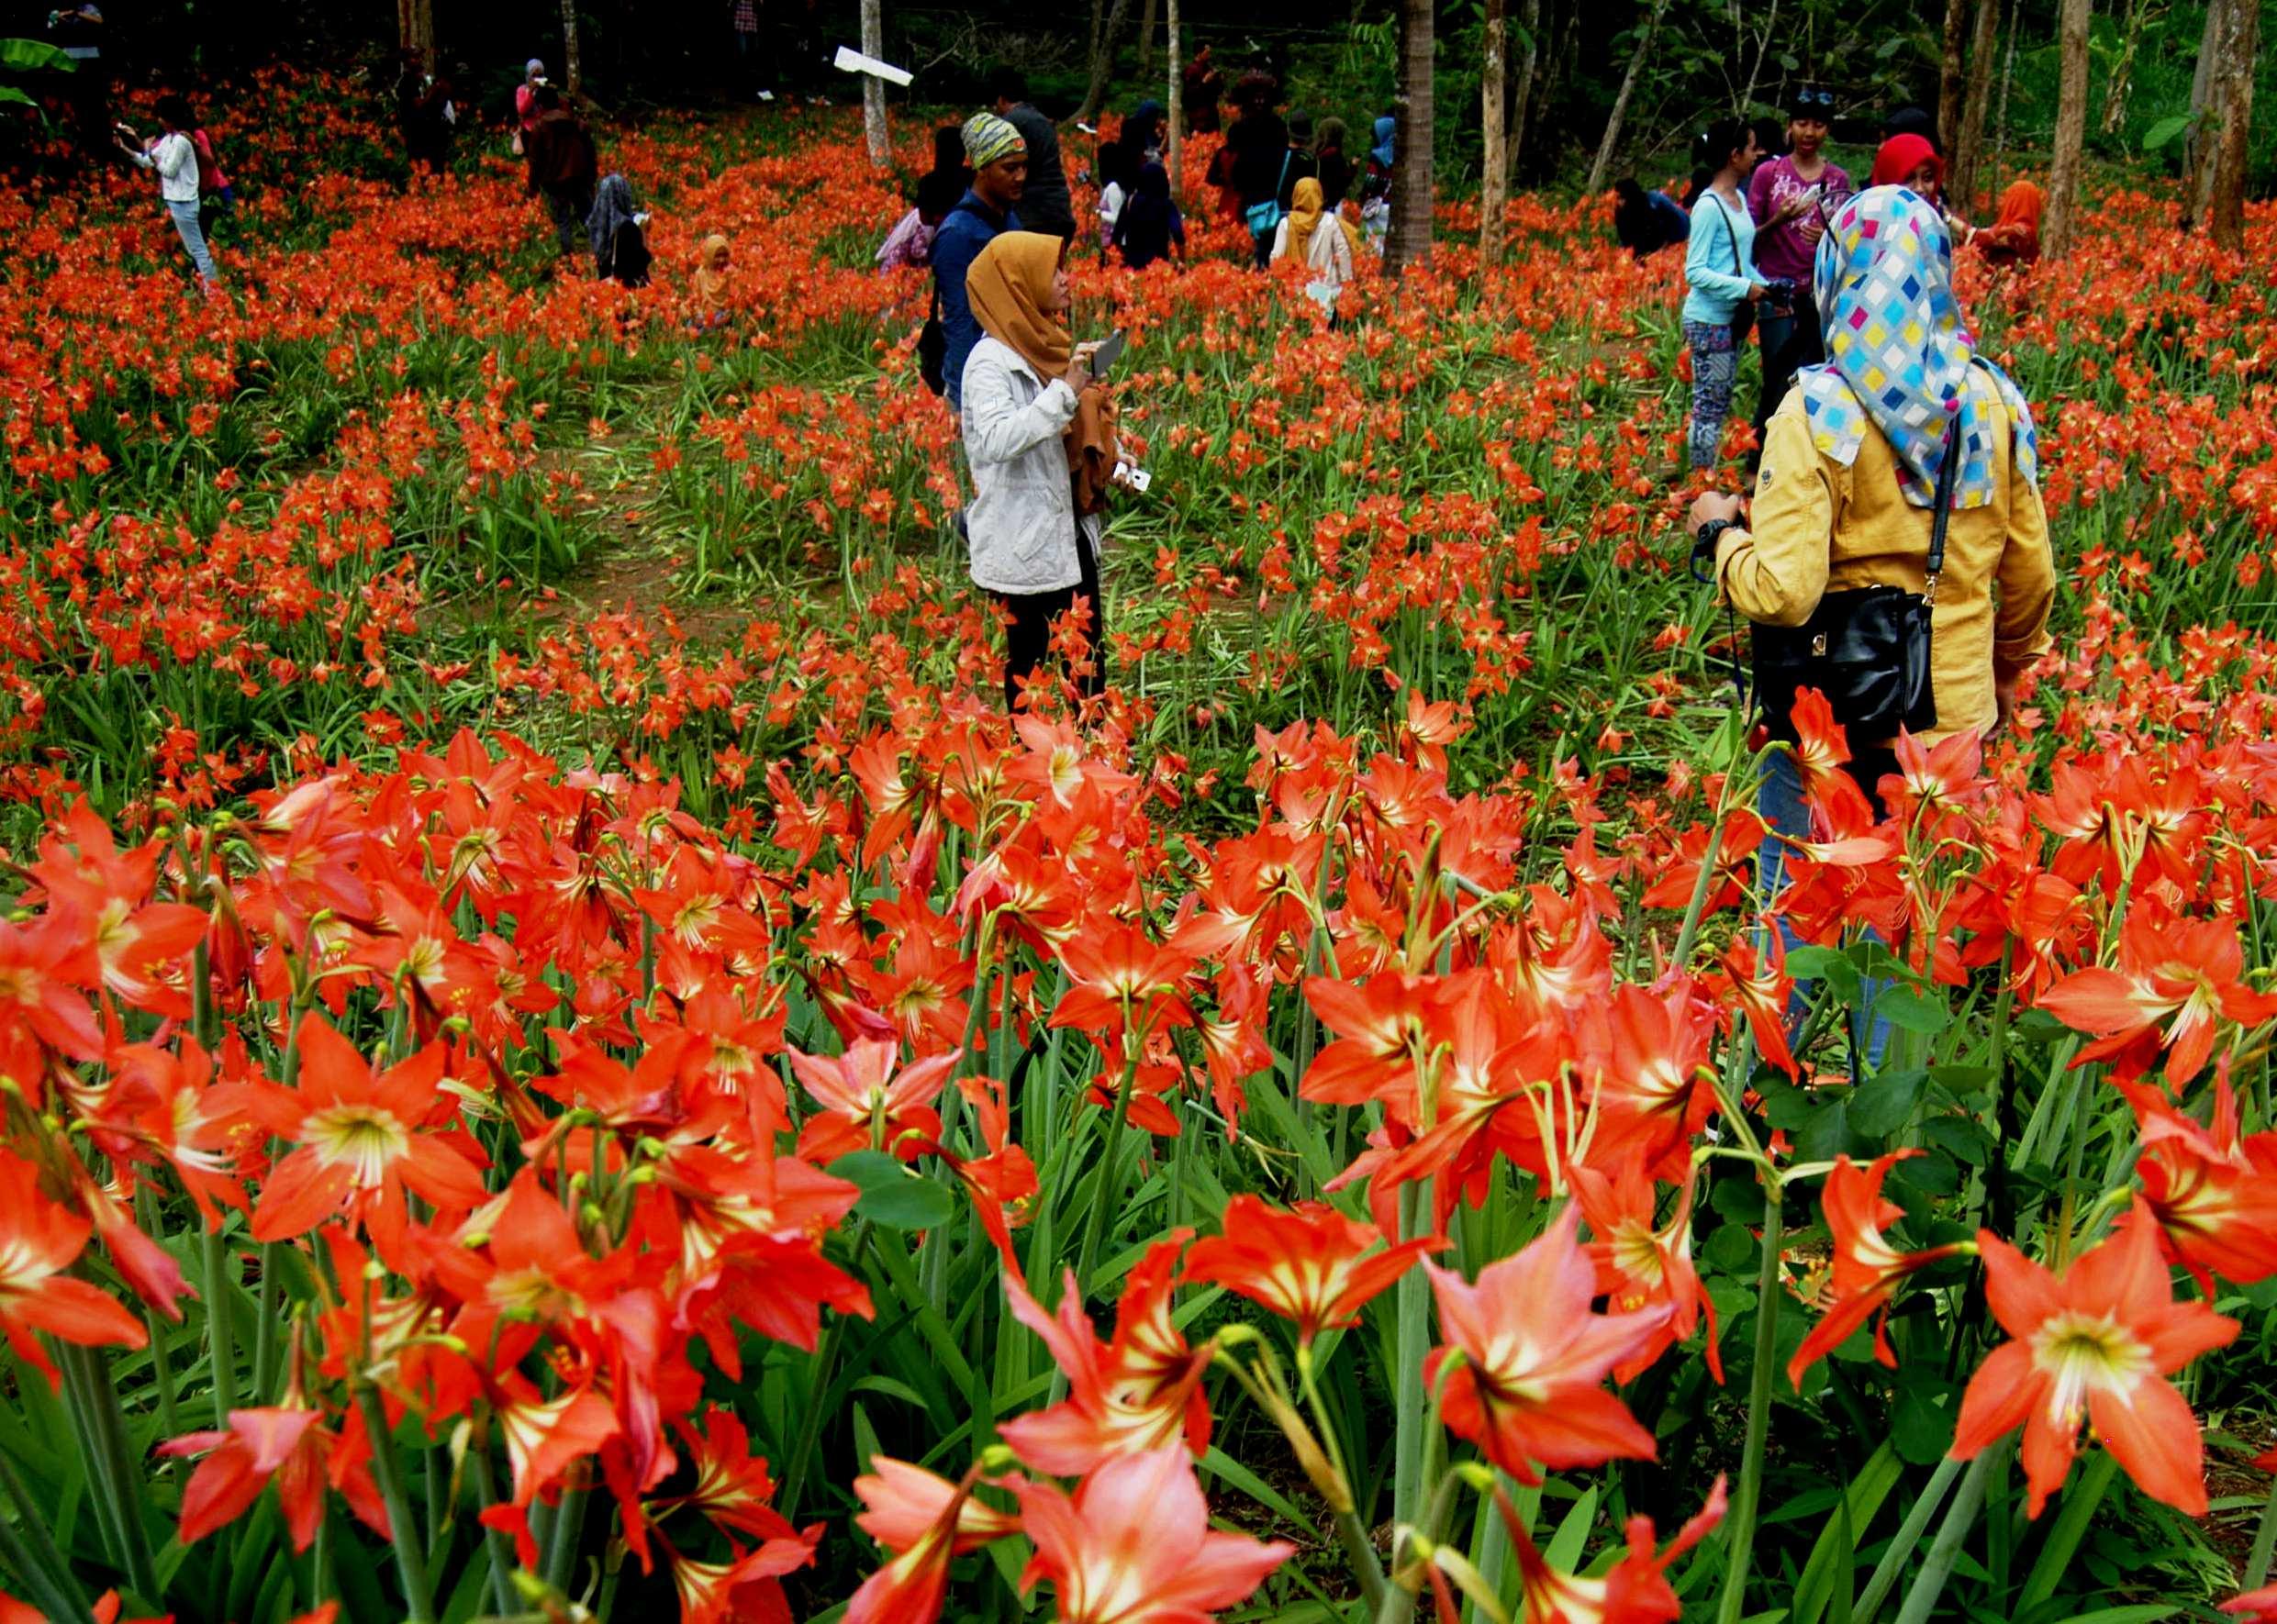 Taman Bunga Amarilis, Taman Bunga Indah di Gunungkidul